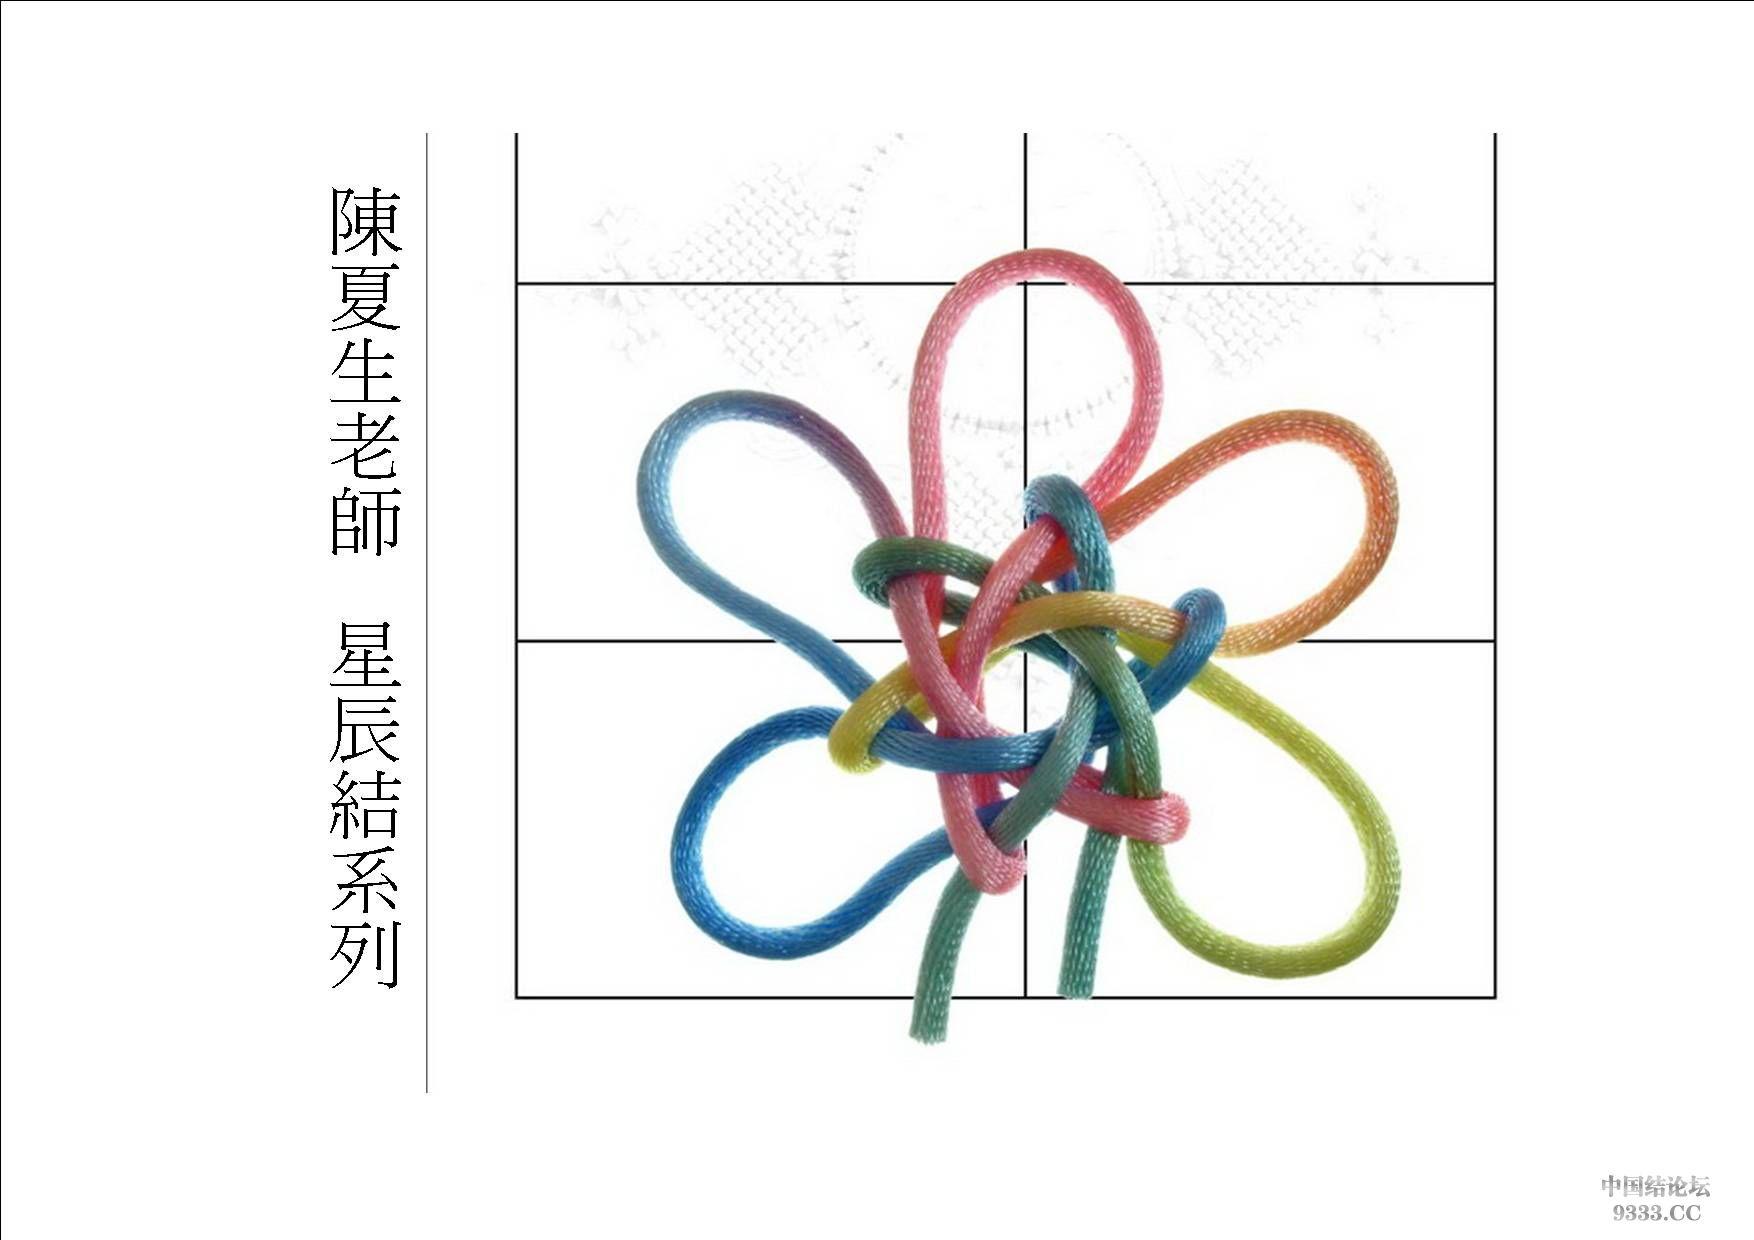 中国结论坛 基礎結(六)  一线生机-杨朝宗专栏 10050815150d630cd6a5eb3d6b